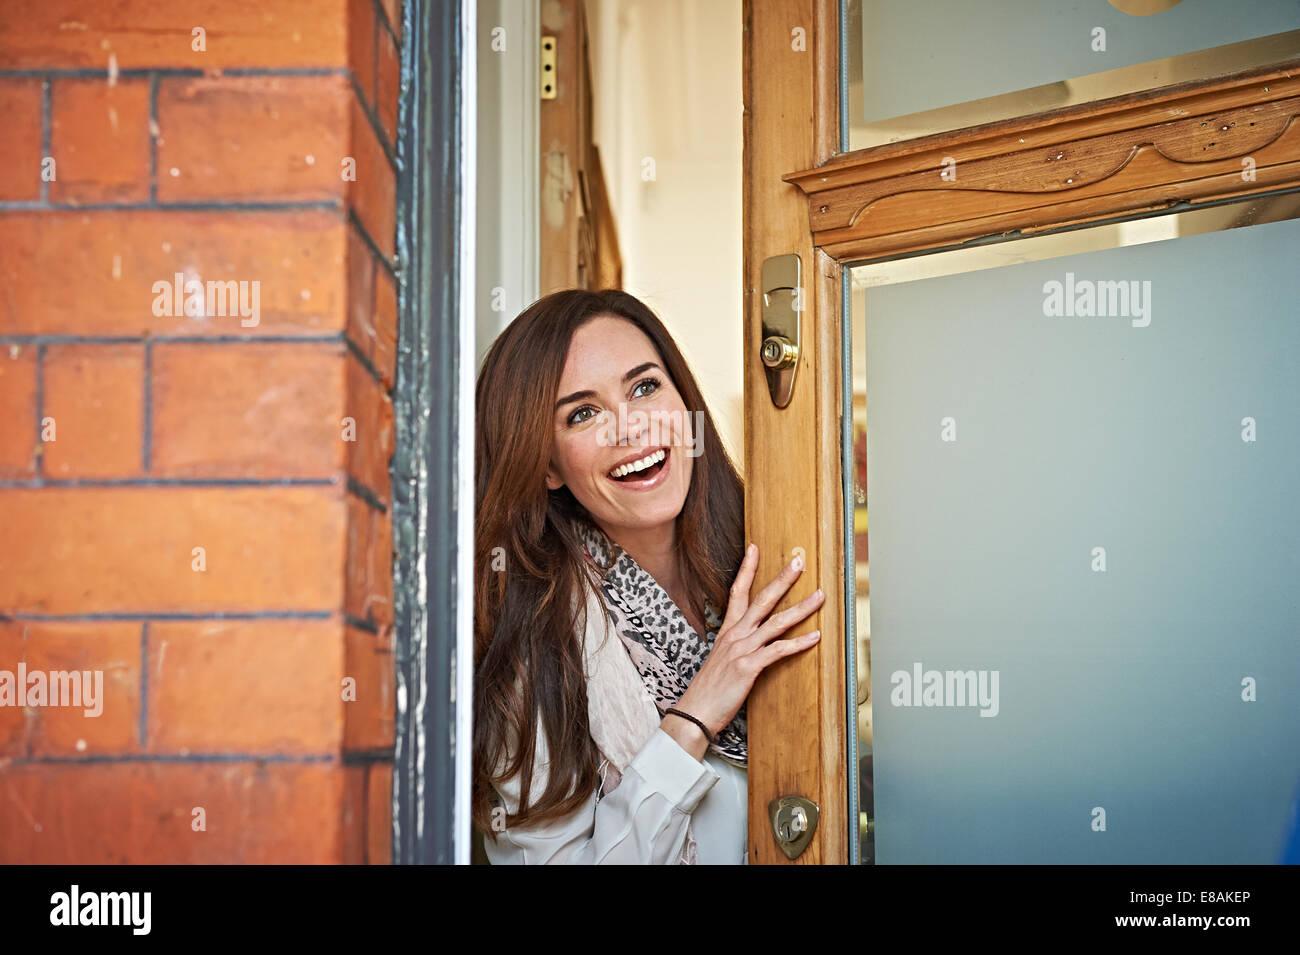 Porte avant l'ouverture de la femme Photo Stock